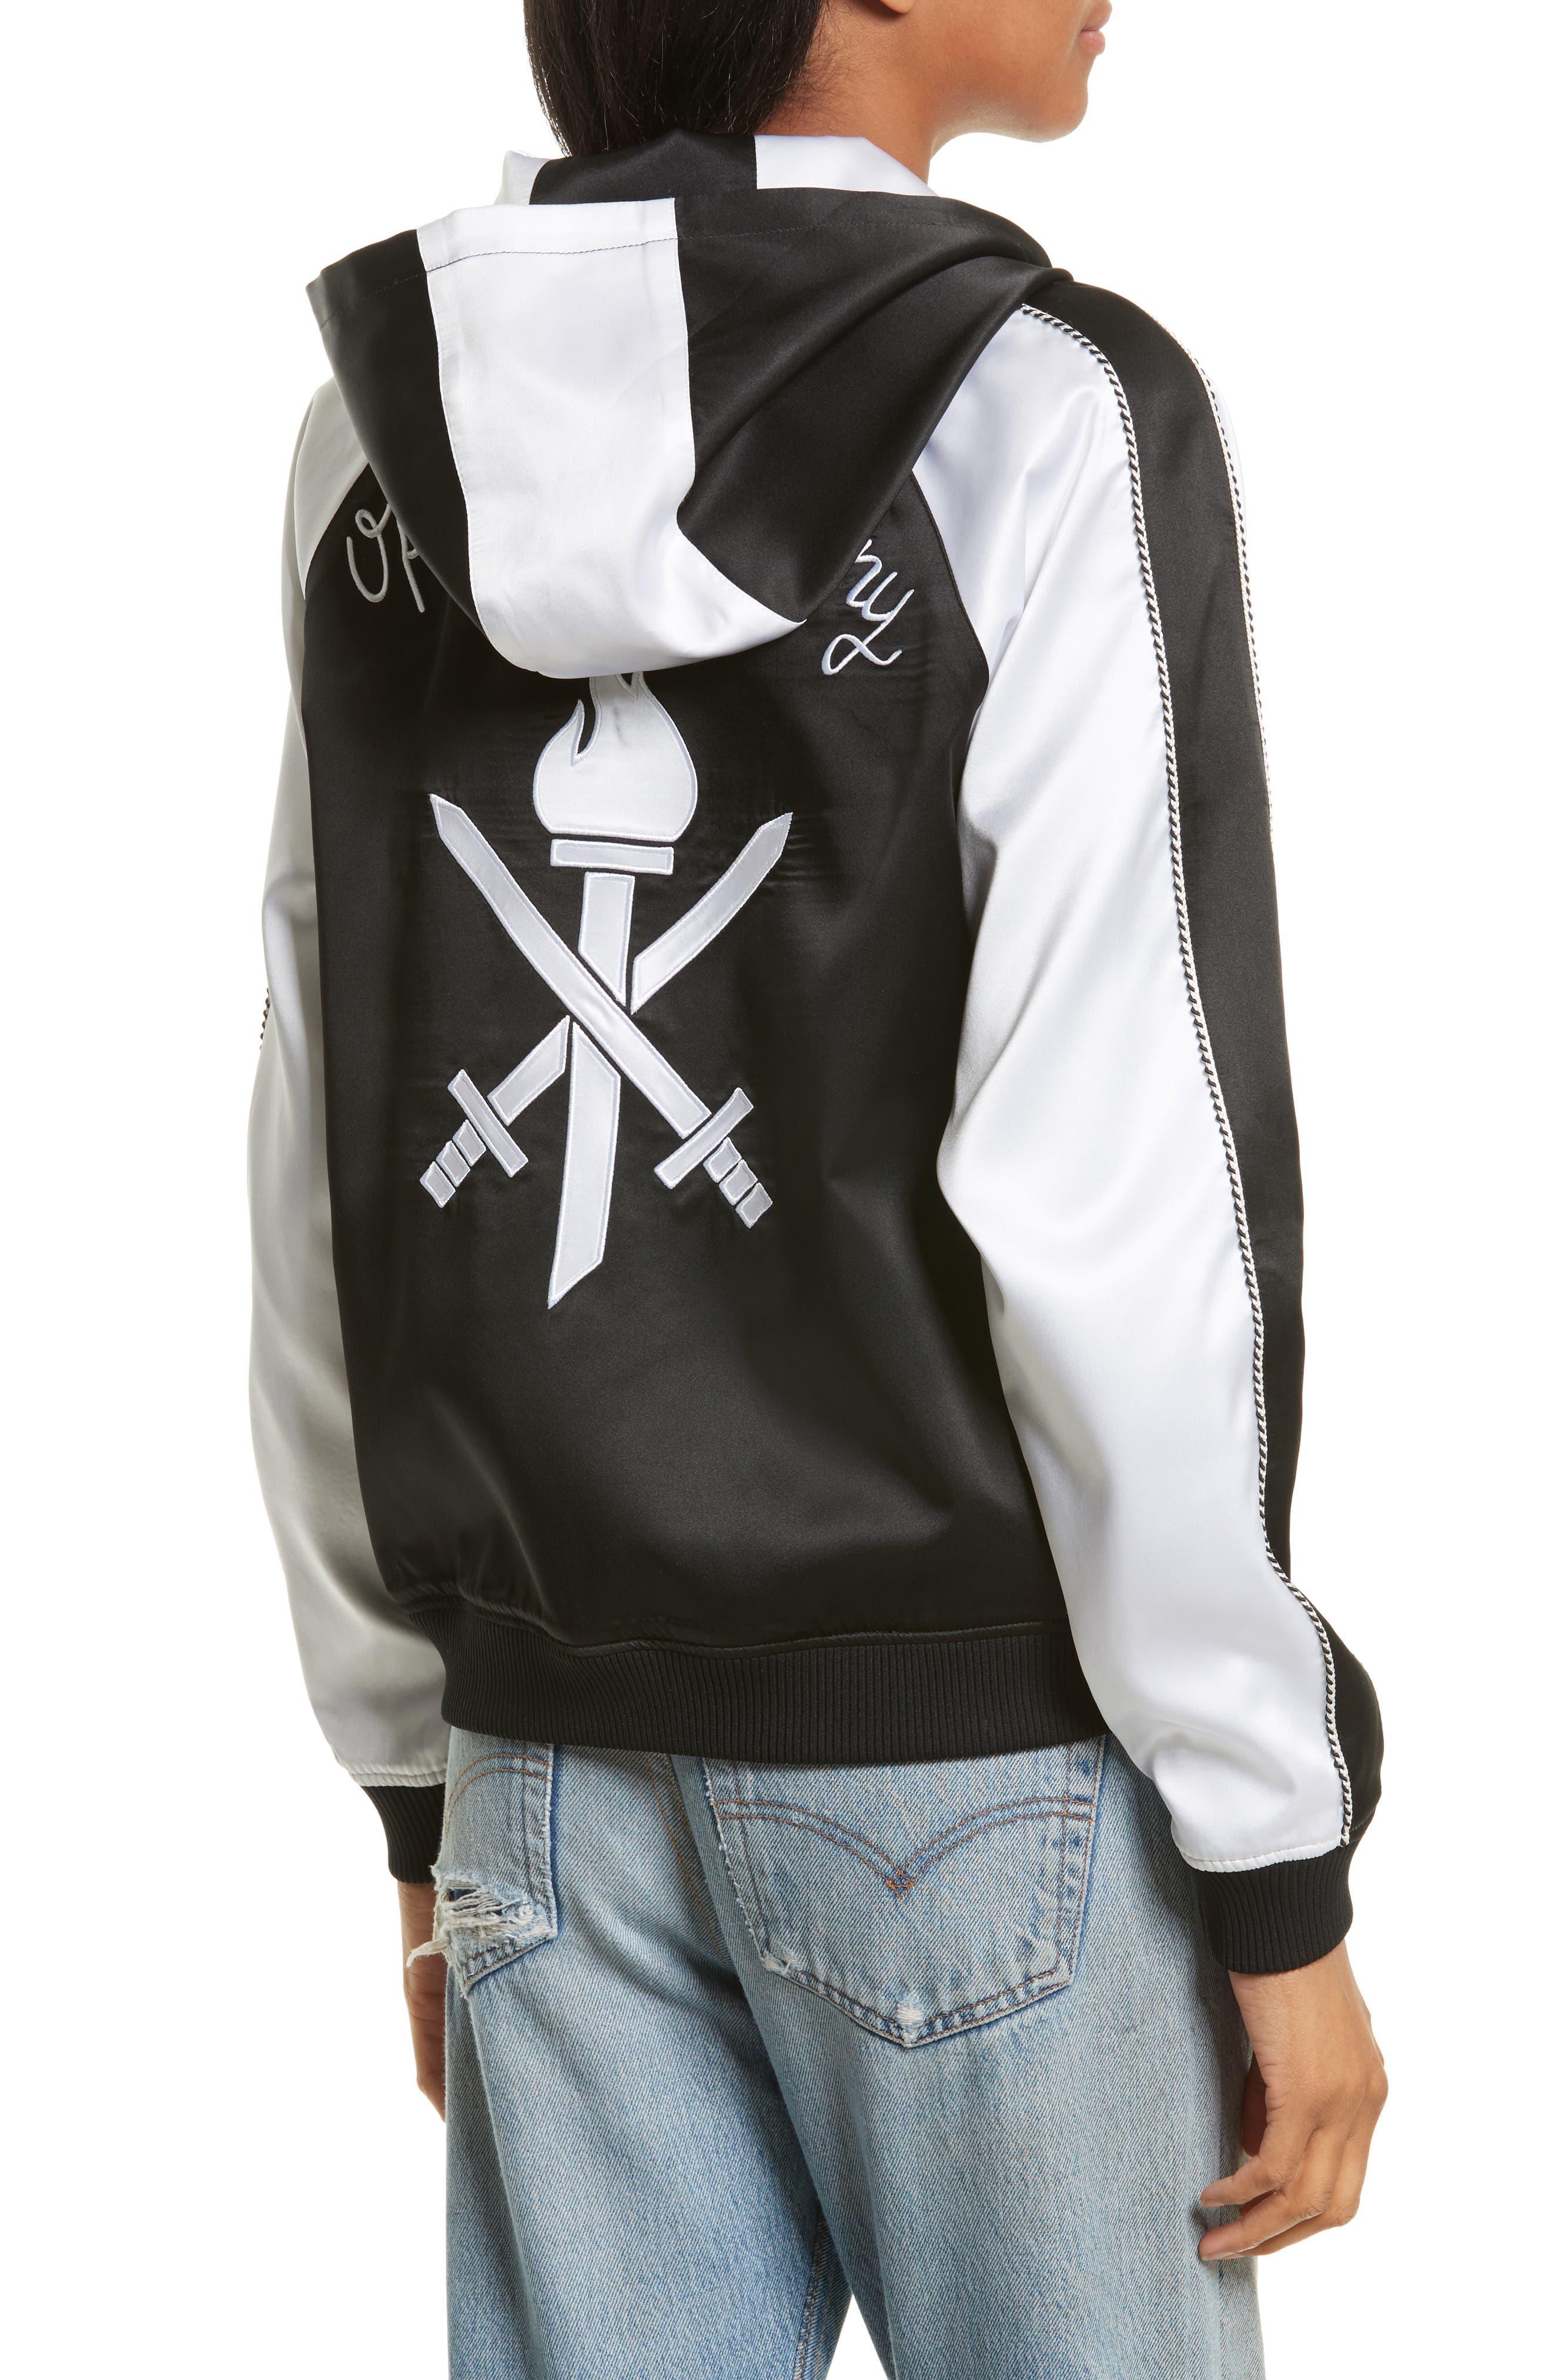 OC Reversible Silk Track Jacket,                             Alternate thumbnail 6, color,                             Black Multi